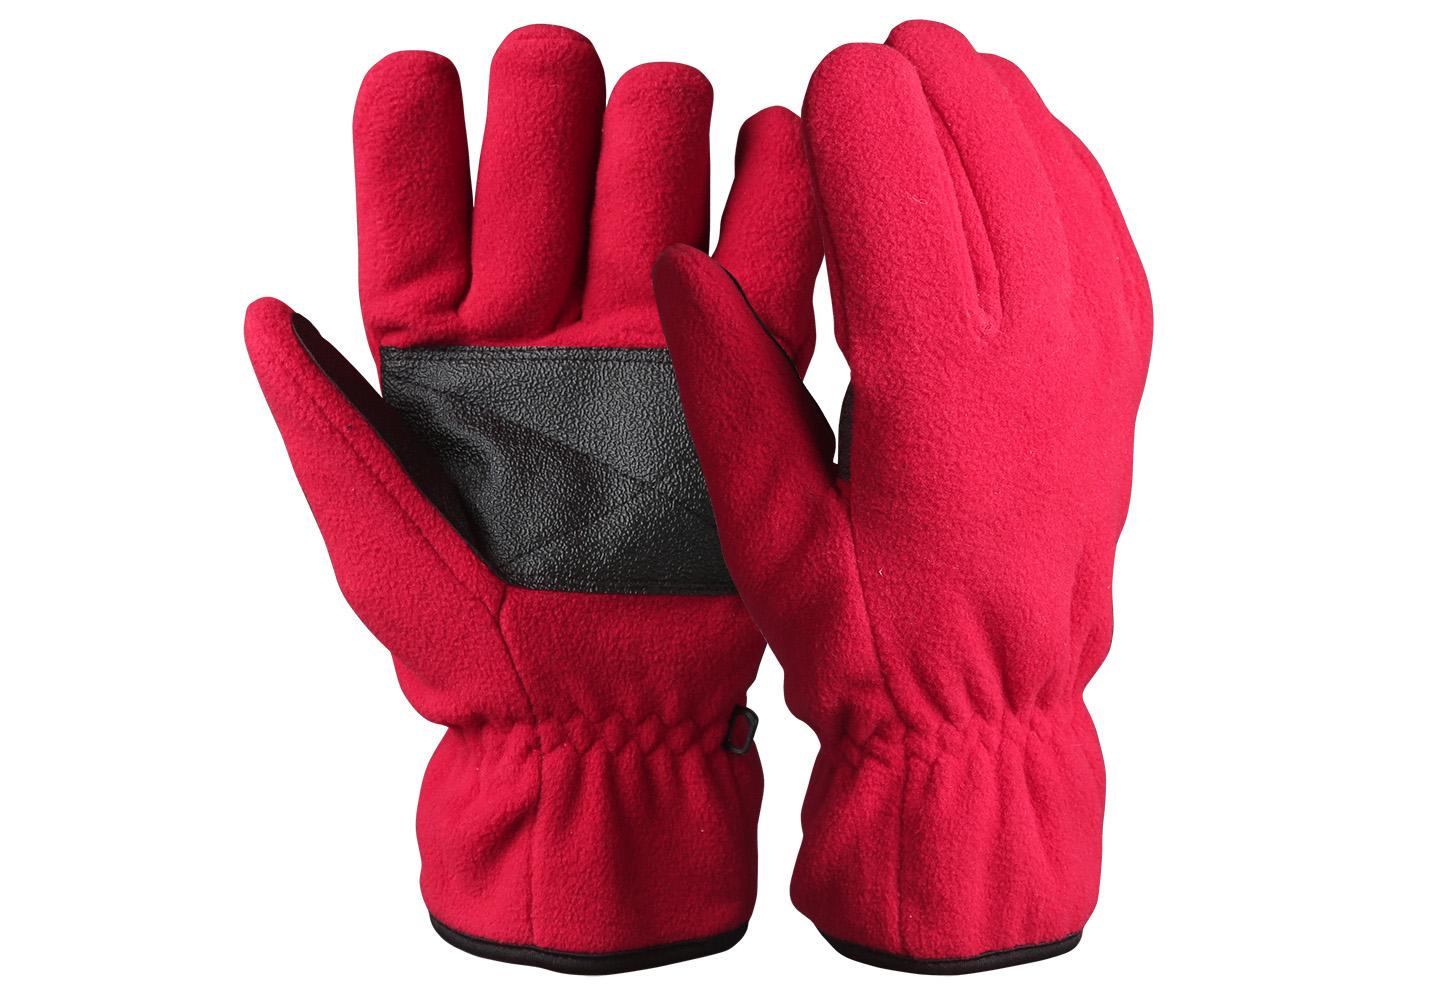 Full Finger Fleece Safety Work Gloves/WKR-001-R